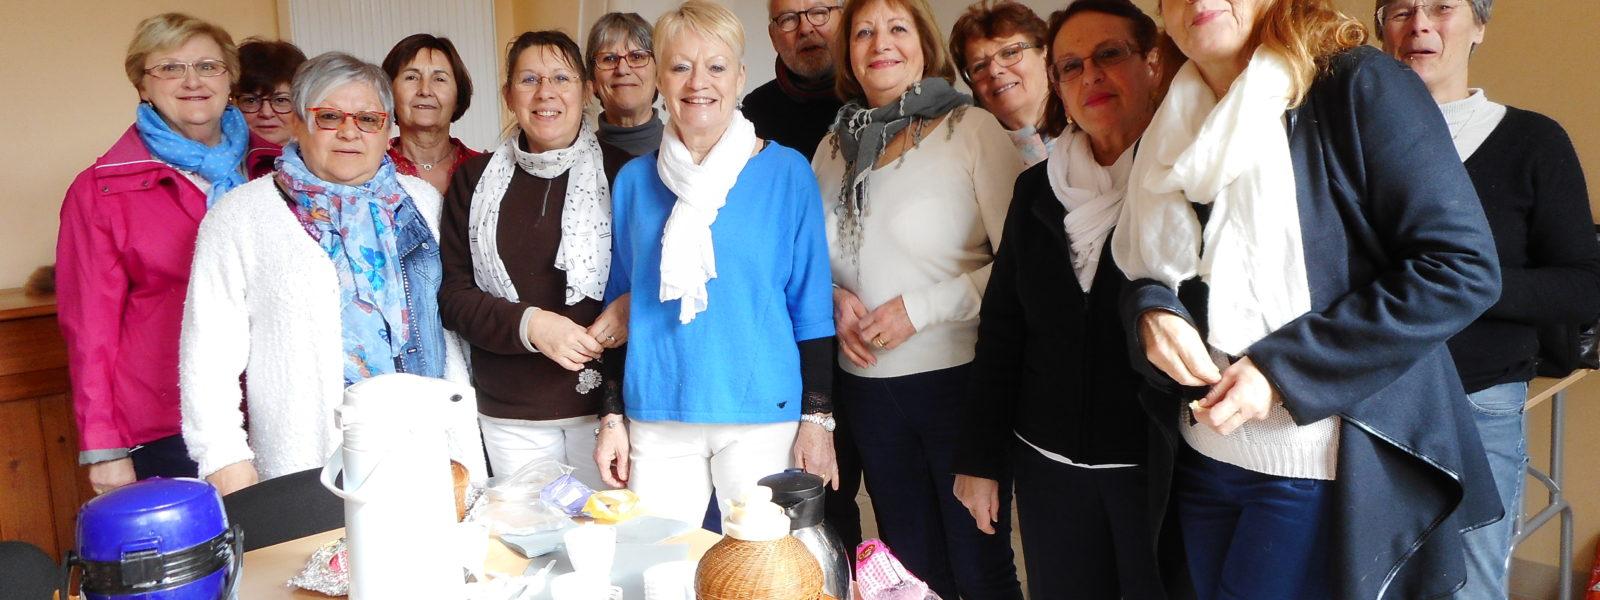 Pâques à Bourgenay